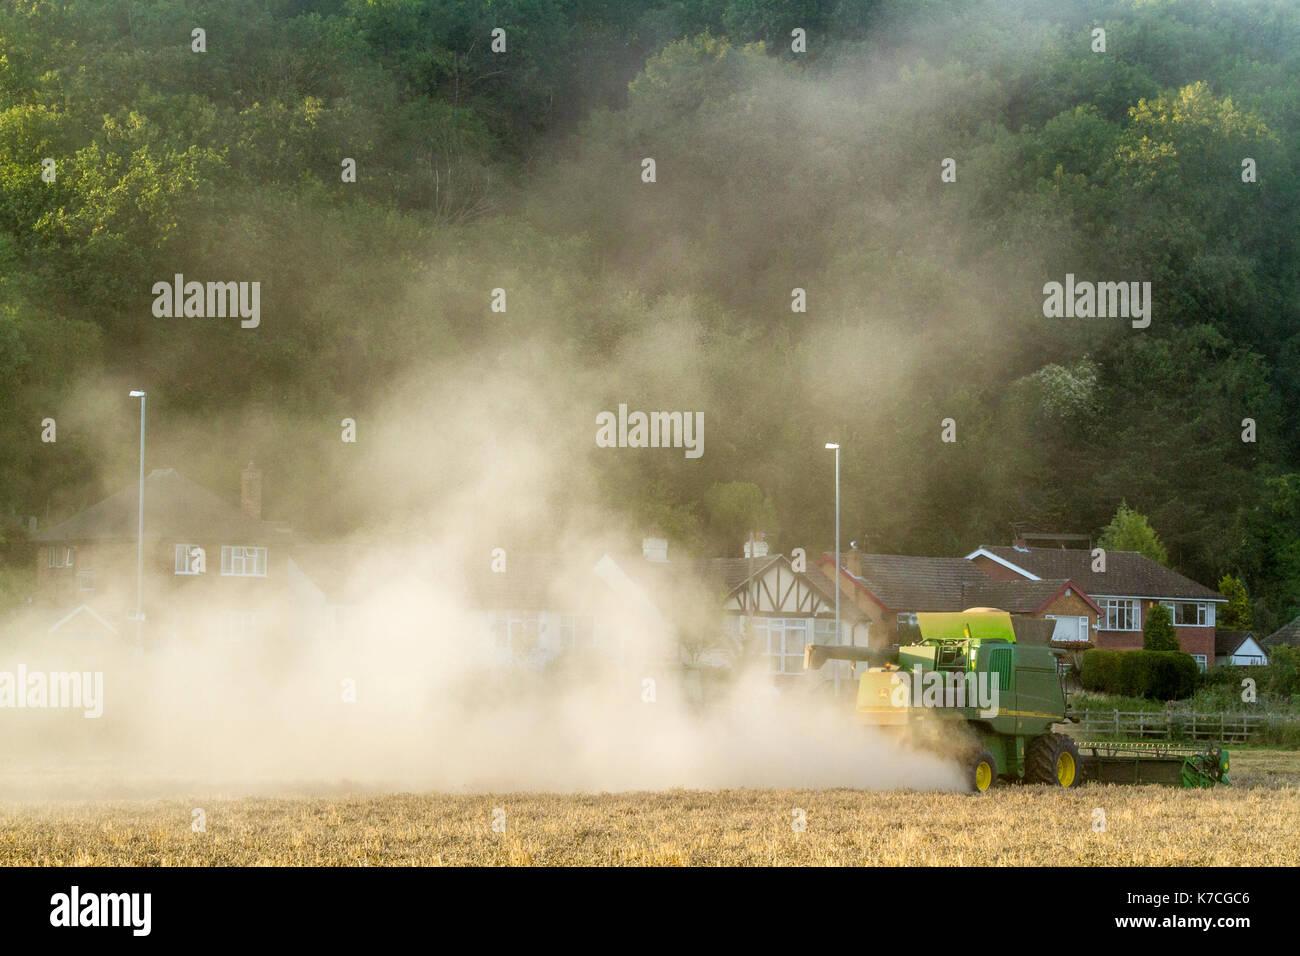 Rurale di problemi ambientali. Inquinamento atmosferico in campagna. Macchina mietitrebbiatrice causando il frumento polvere di grano nei pressi di alloggiamento, Nottinghamshire, England, Regno Unito Foto Stock